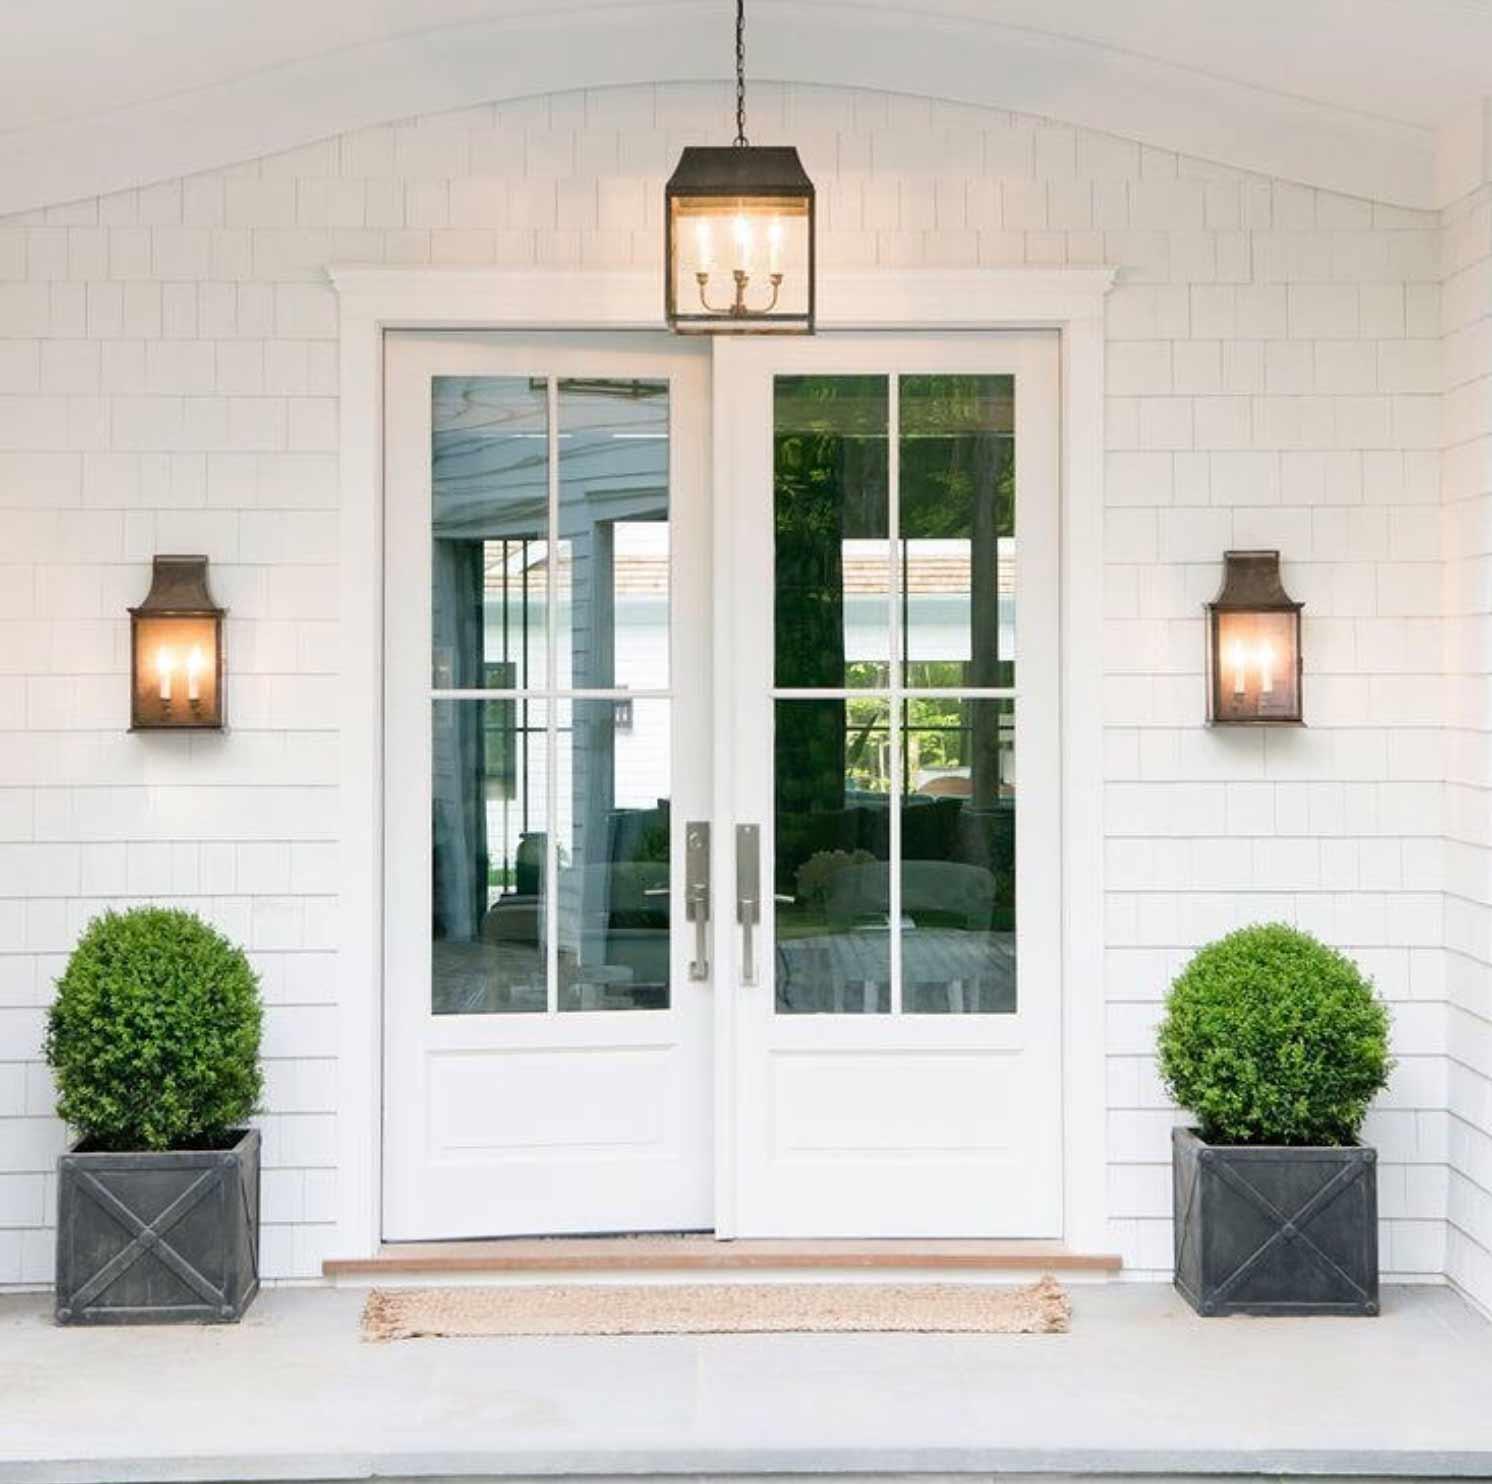 چراغ دیواری و آویز در ورودی منزل